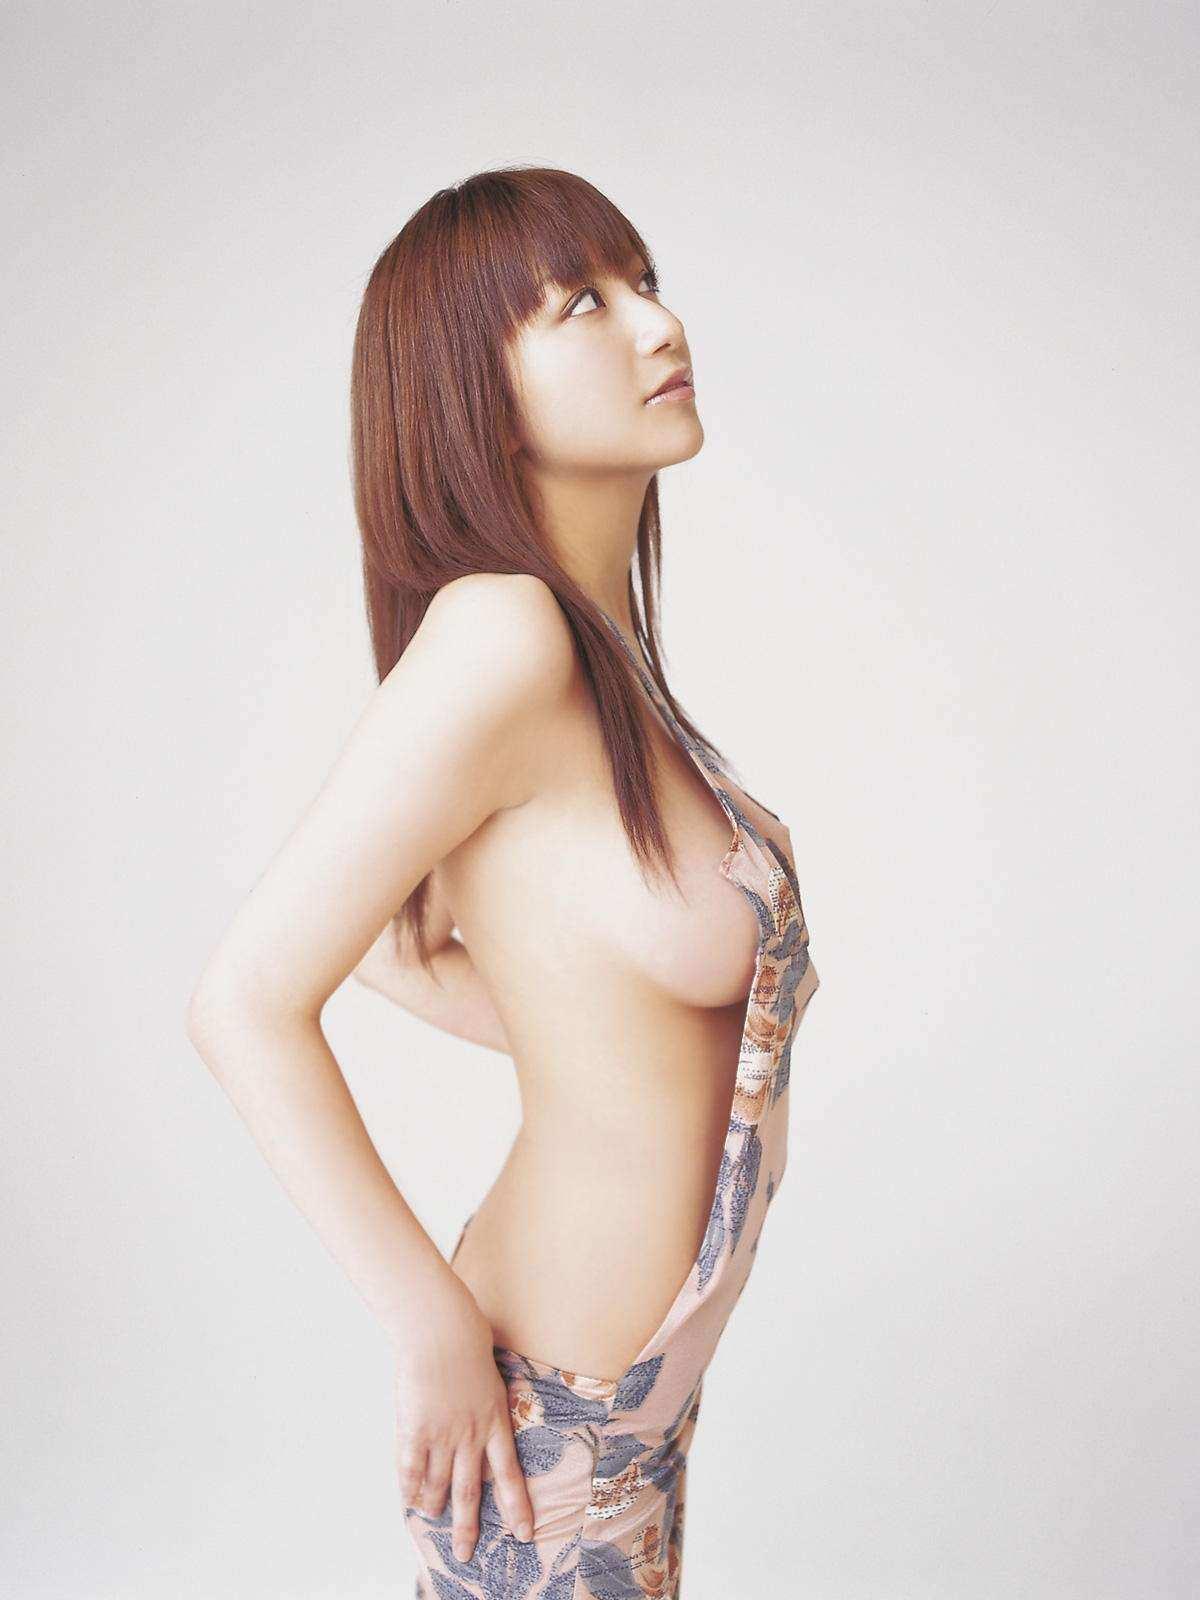 ハミ乳衣装着た女の子 23